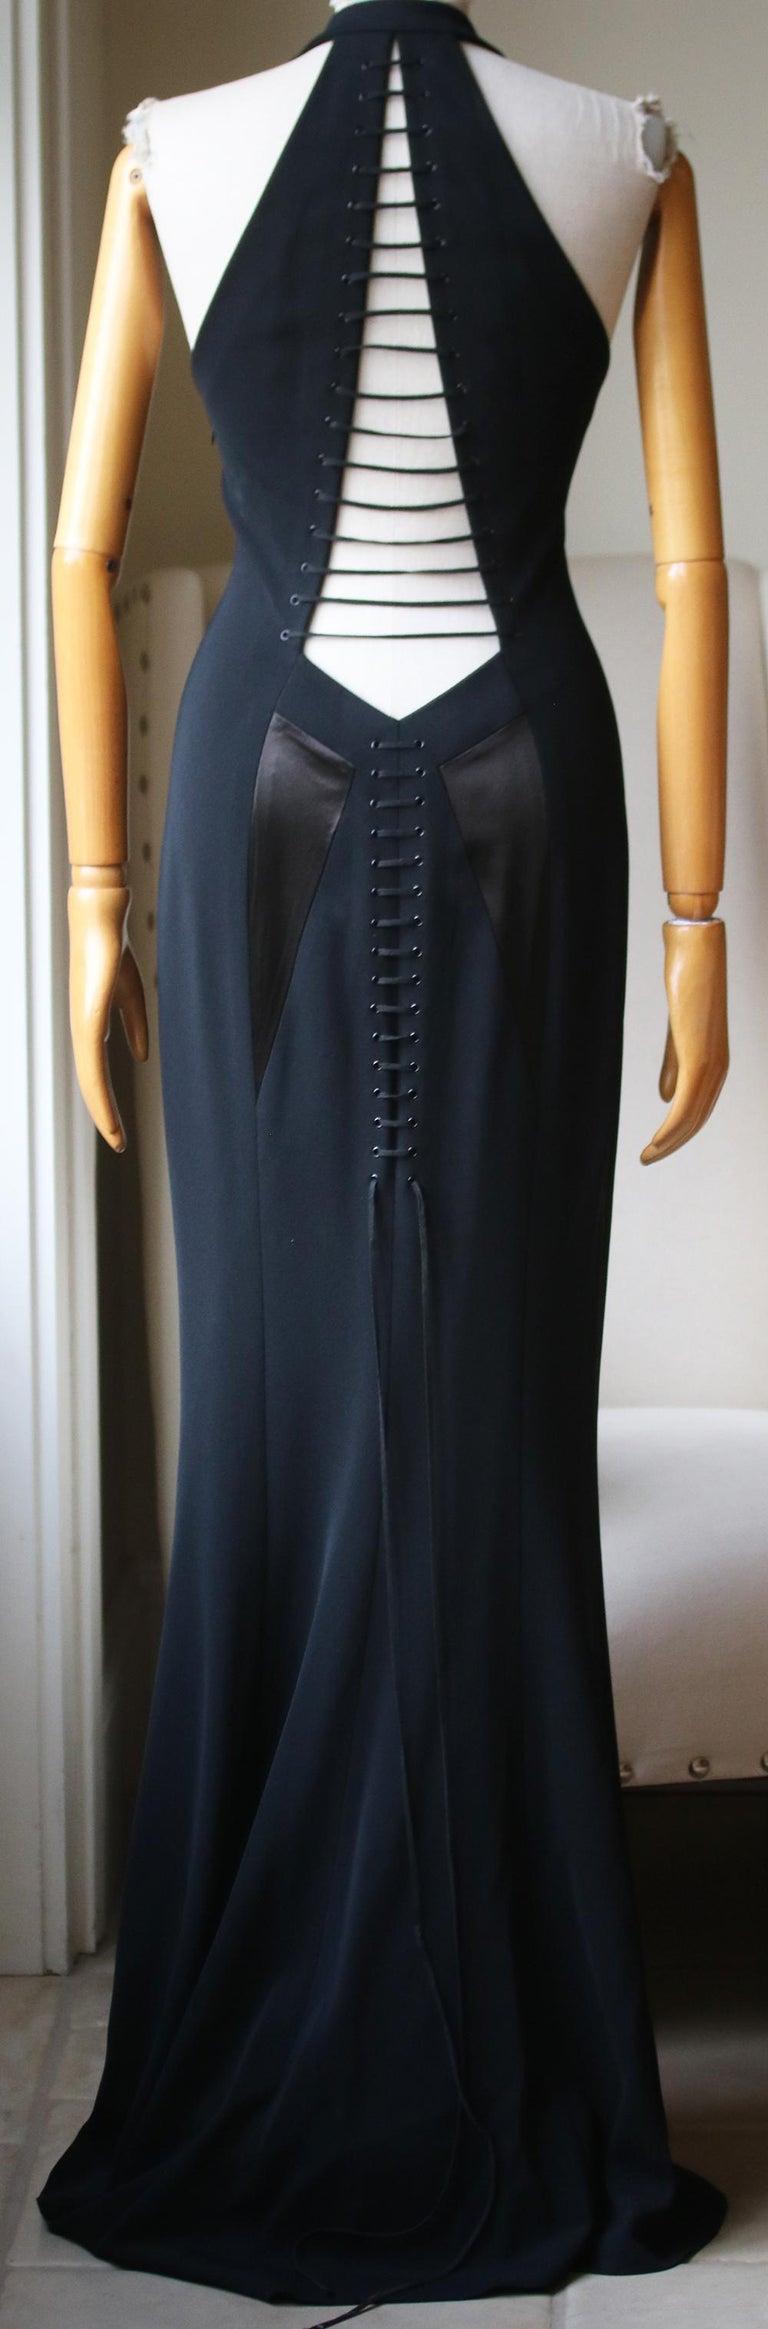 Black Azzedine Alaïa Haute Couture Cutout Lace-Up Gown  For Sale